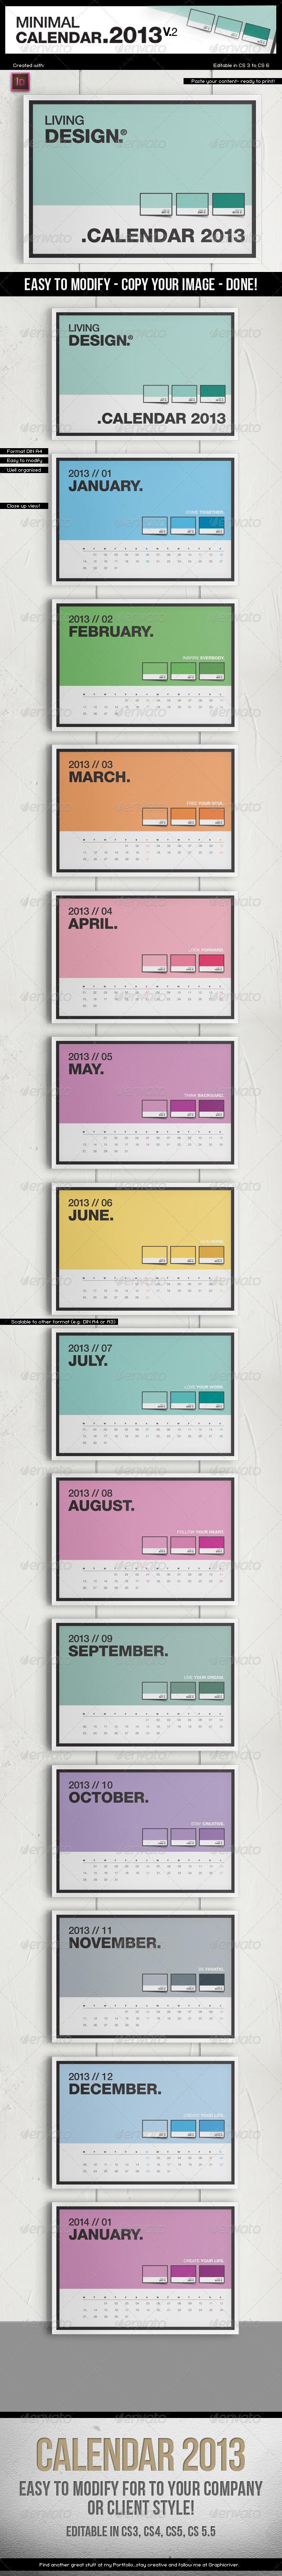 GraphicRiver Calendar 2013 v2 A4 Template Pantone Style 3243544